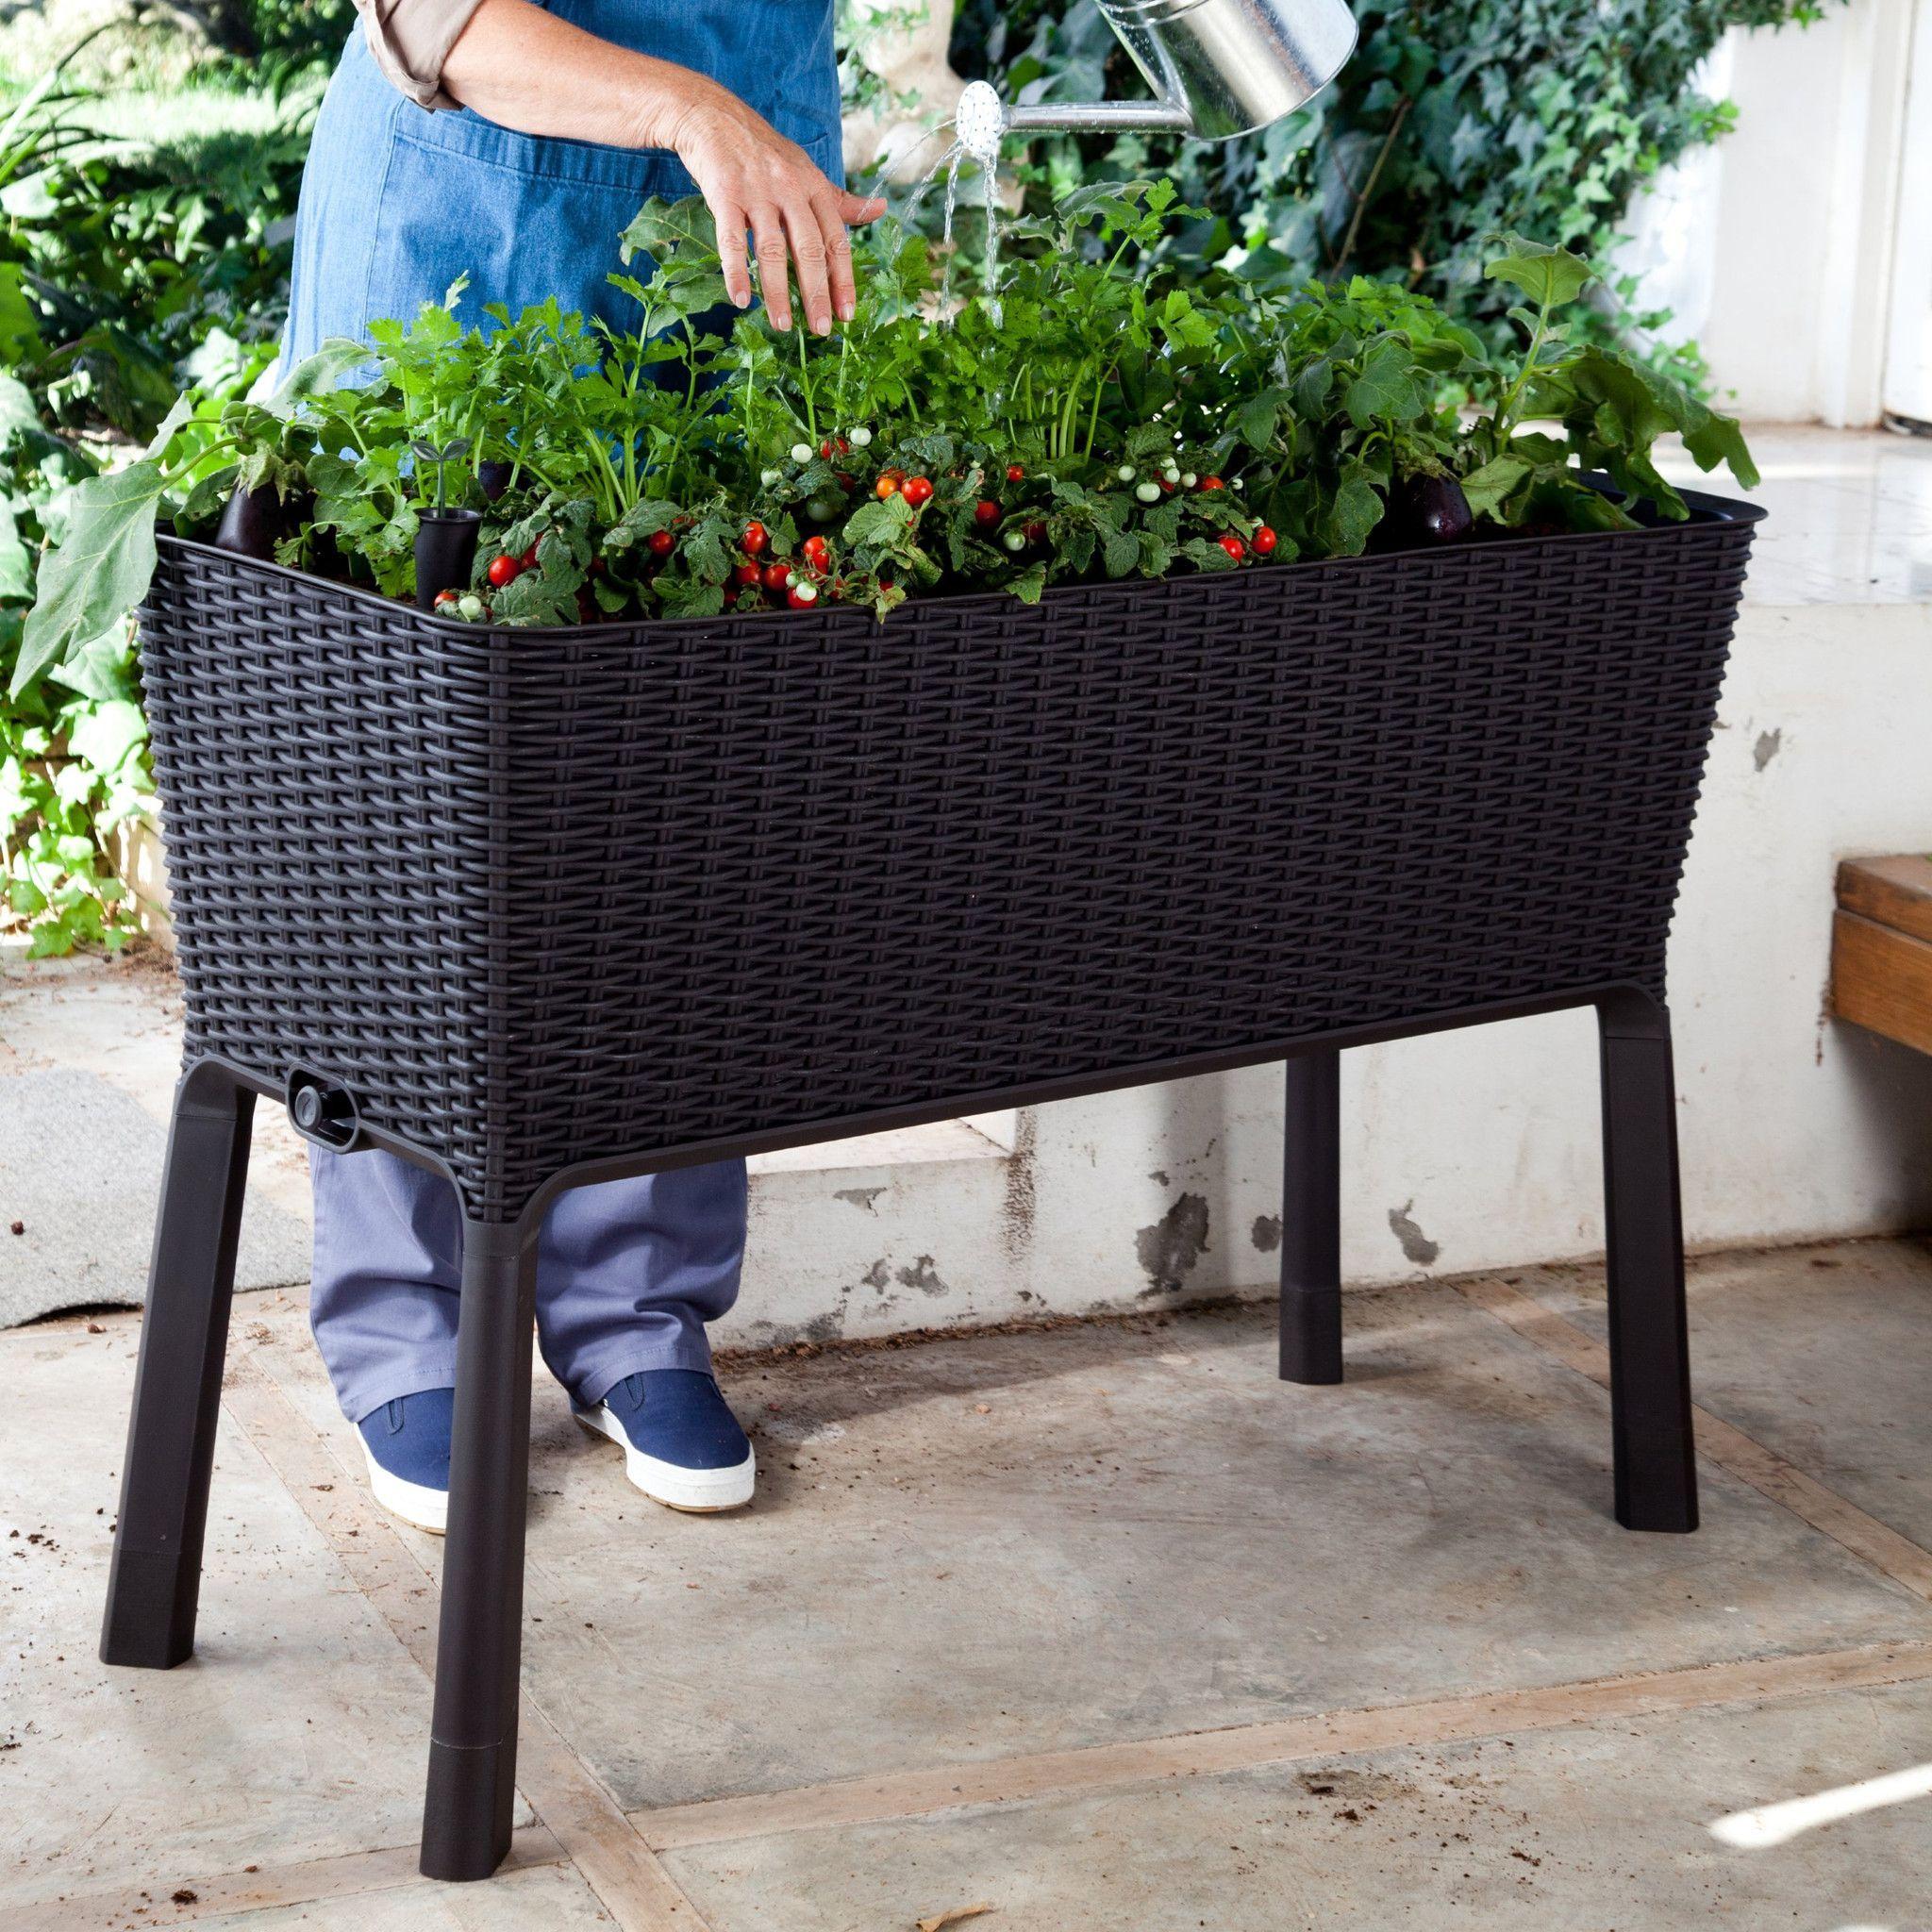 design elevated garden vyne bed to raised kitchen